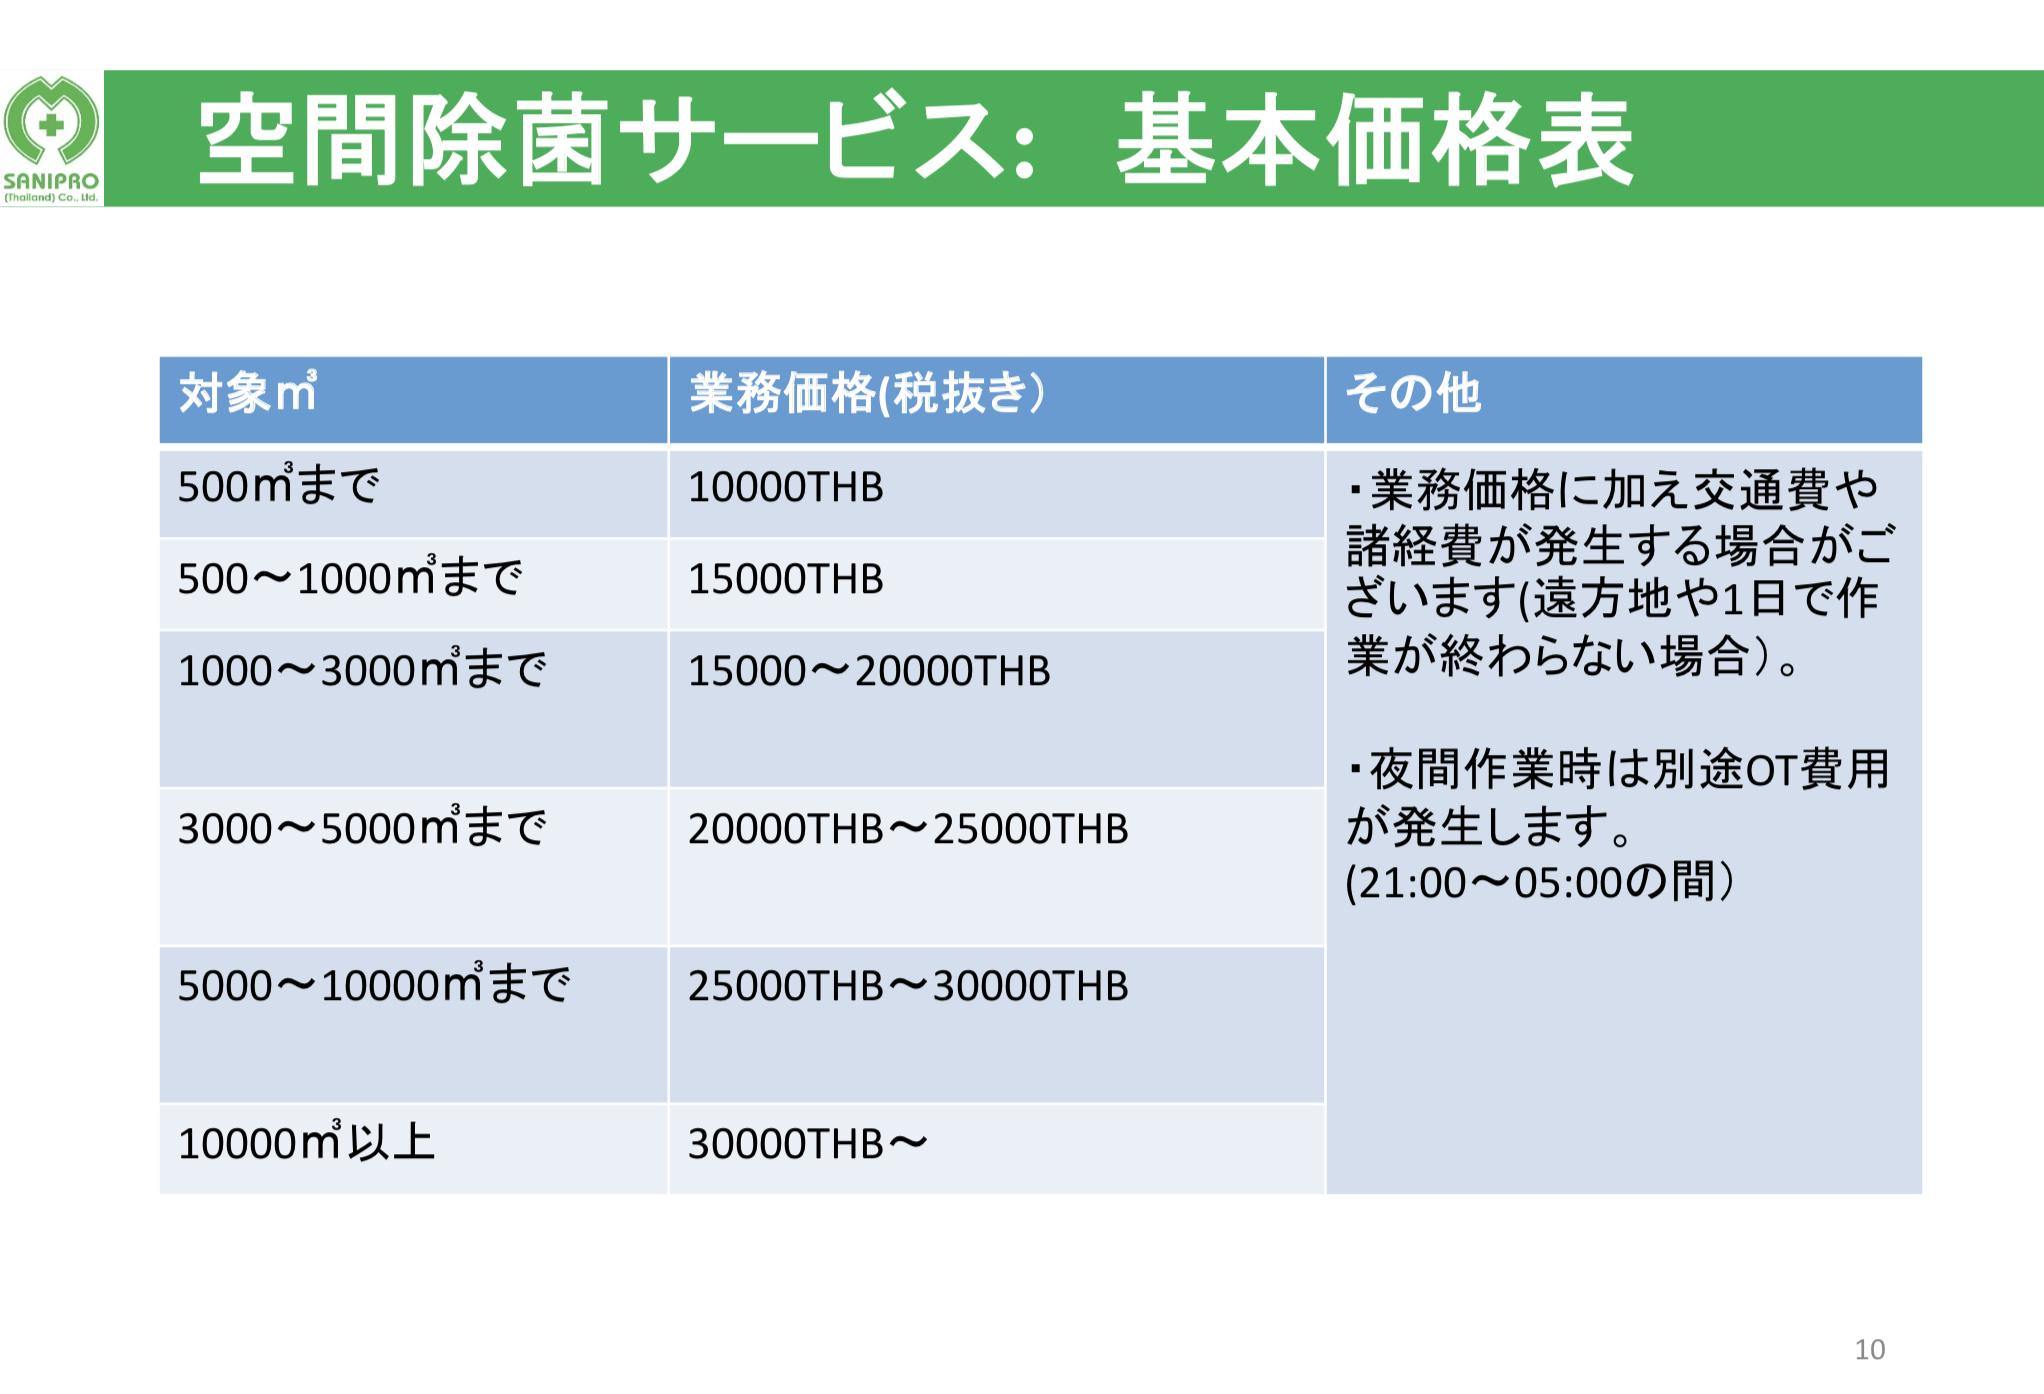 基本価格表